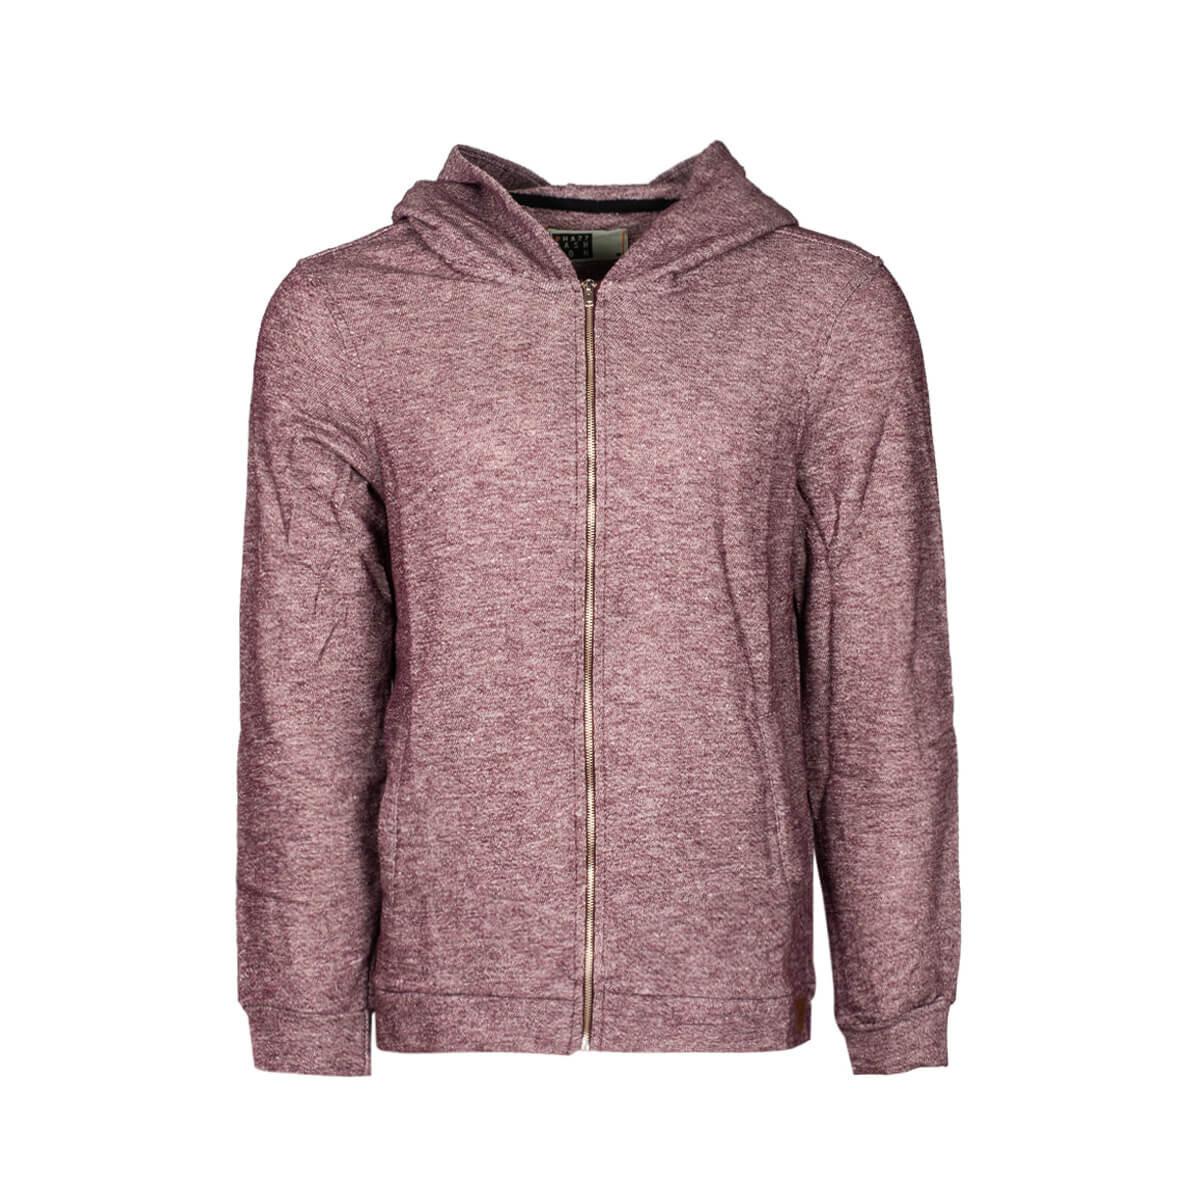 BORDO Erkek Sweatshirt 85421